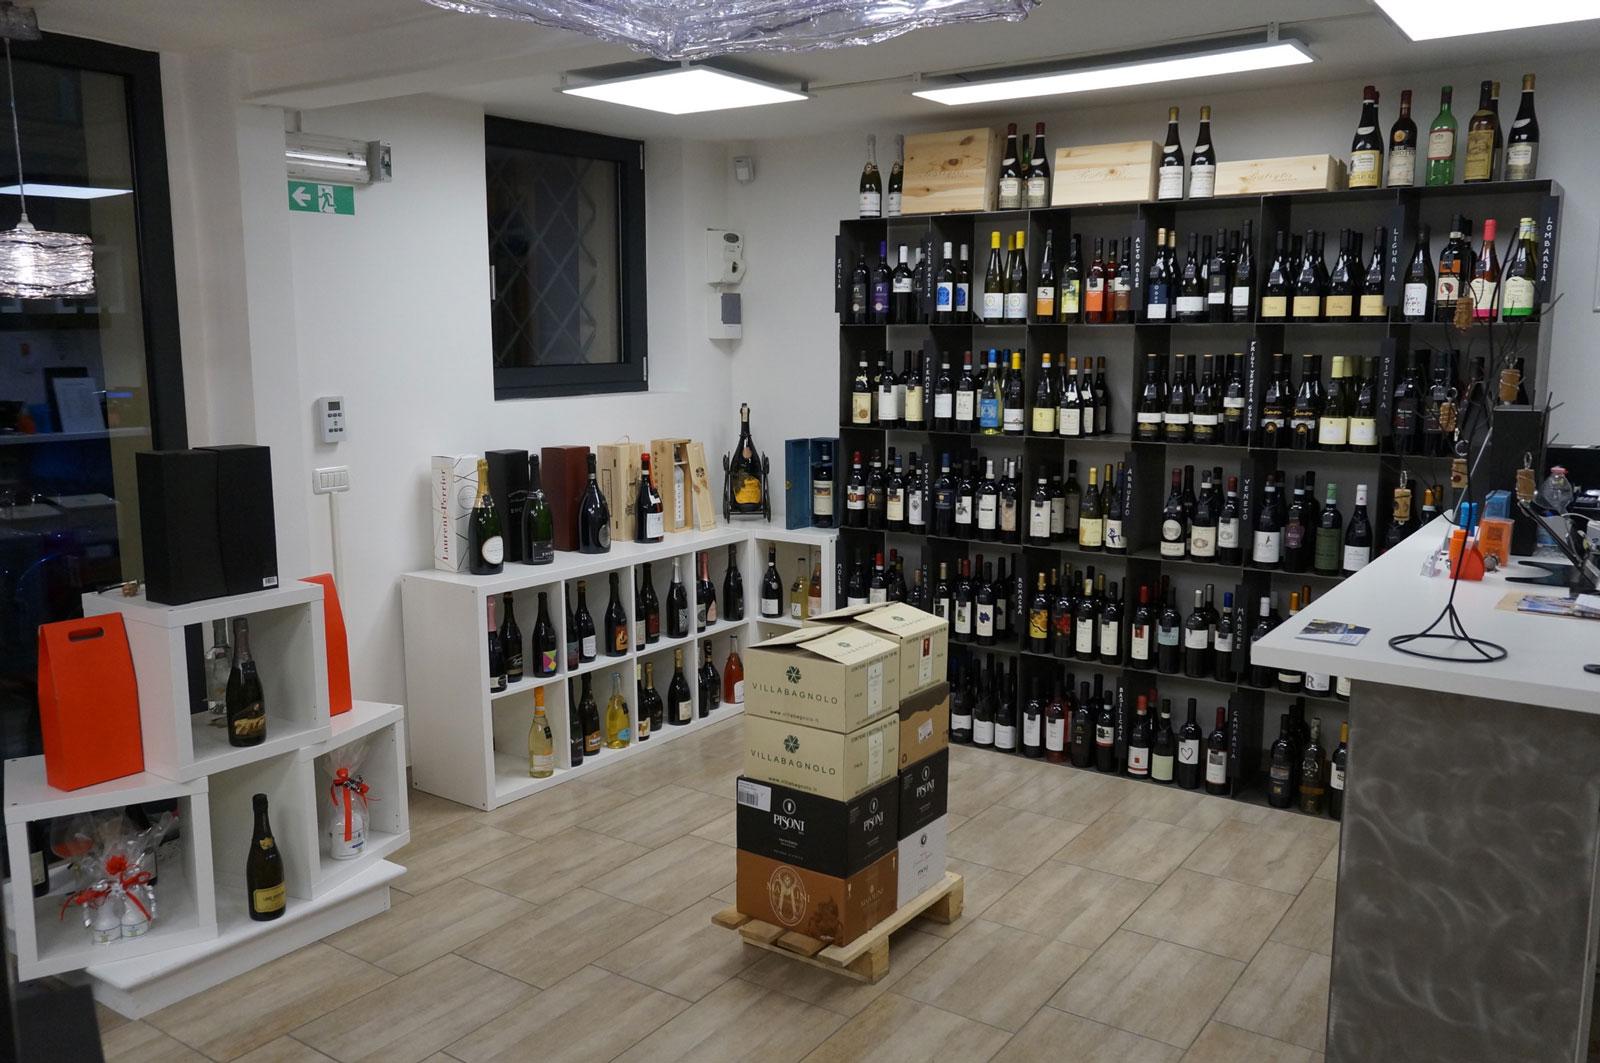 Interno dell'enoteca di vini Botrytis